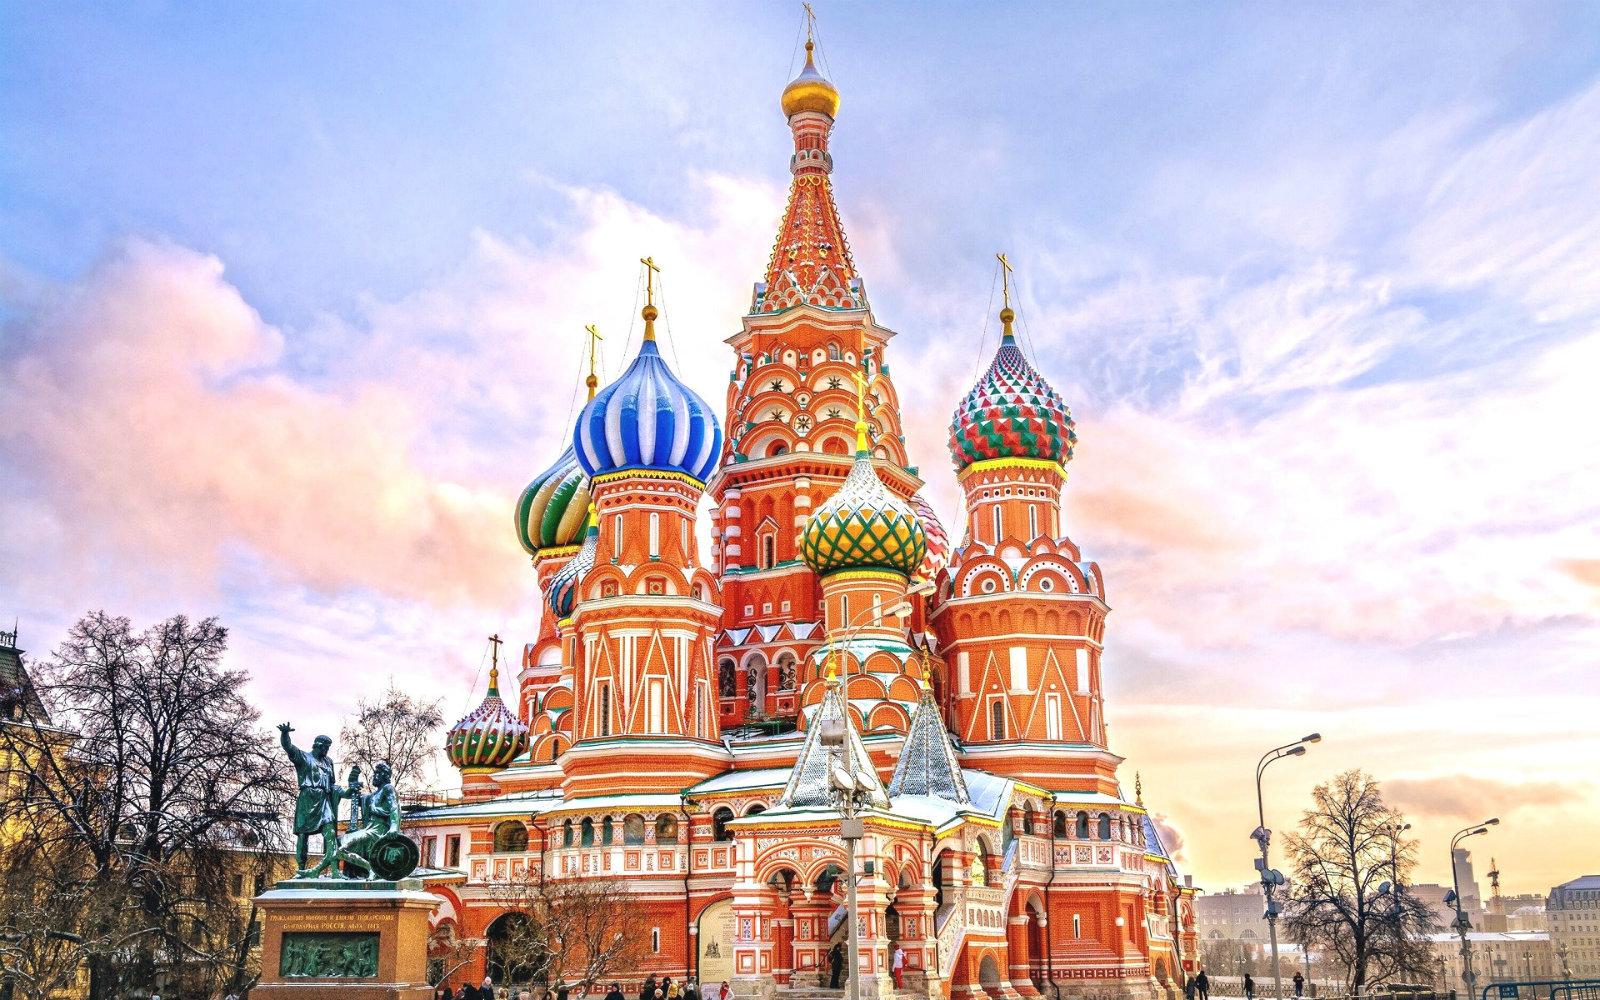 Gran tour mosca e san pietroburgo mosca russia dlt viaggi - San pietroburgo russia luoghi di interesse ...